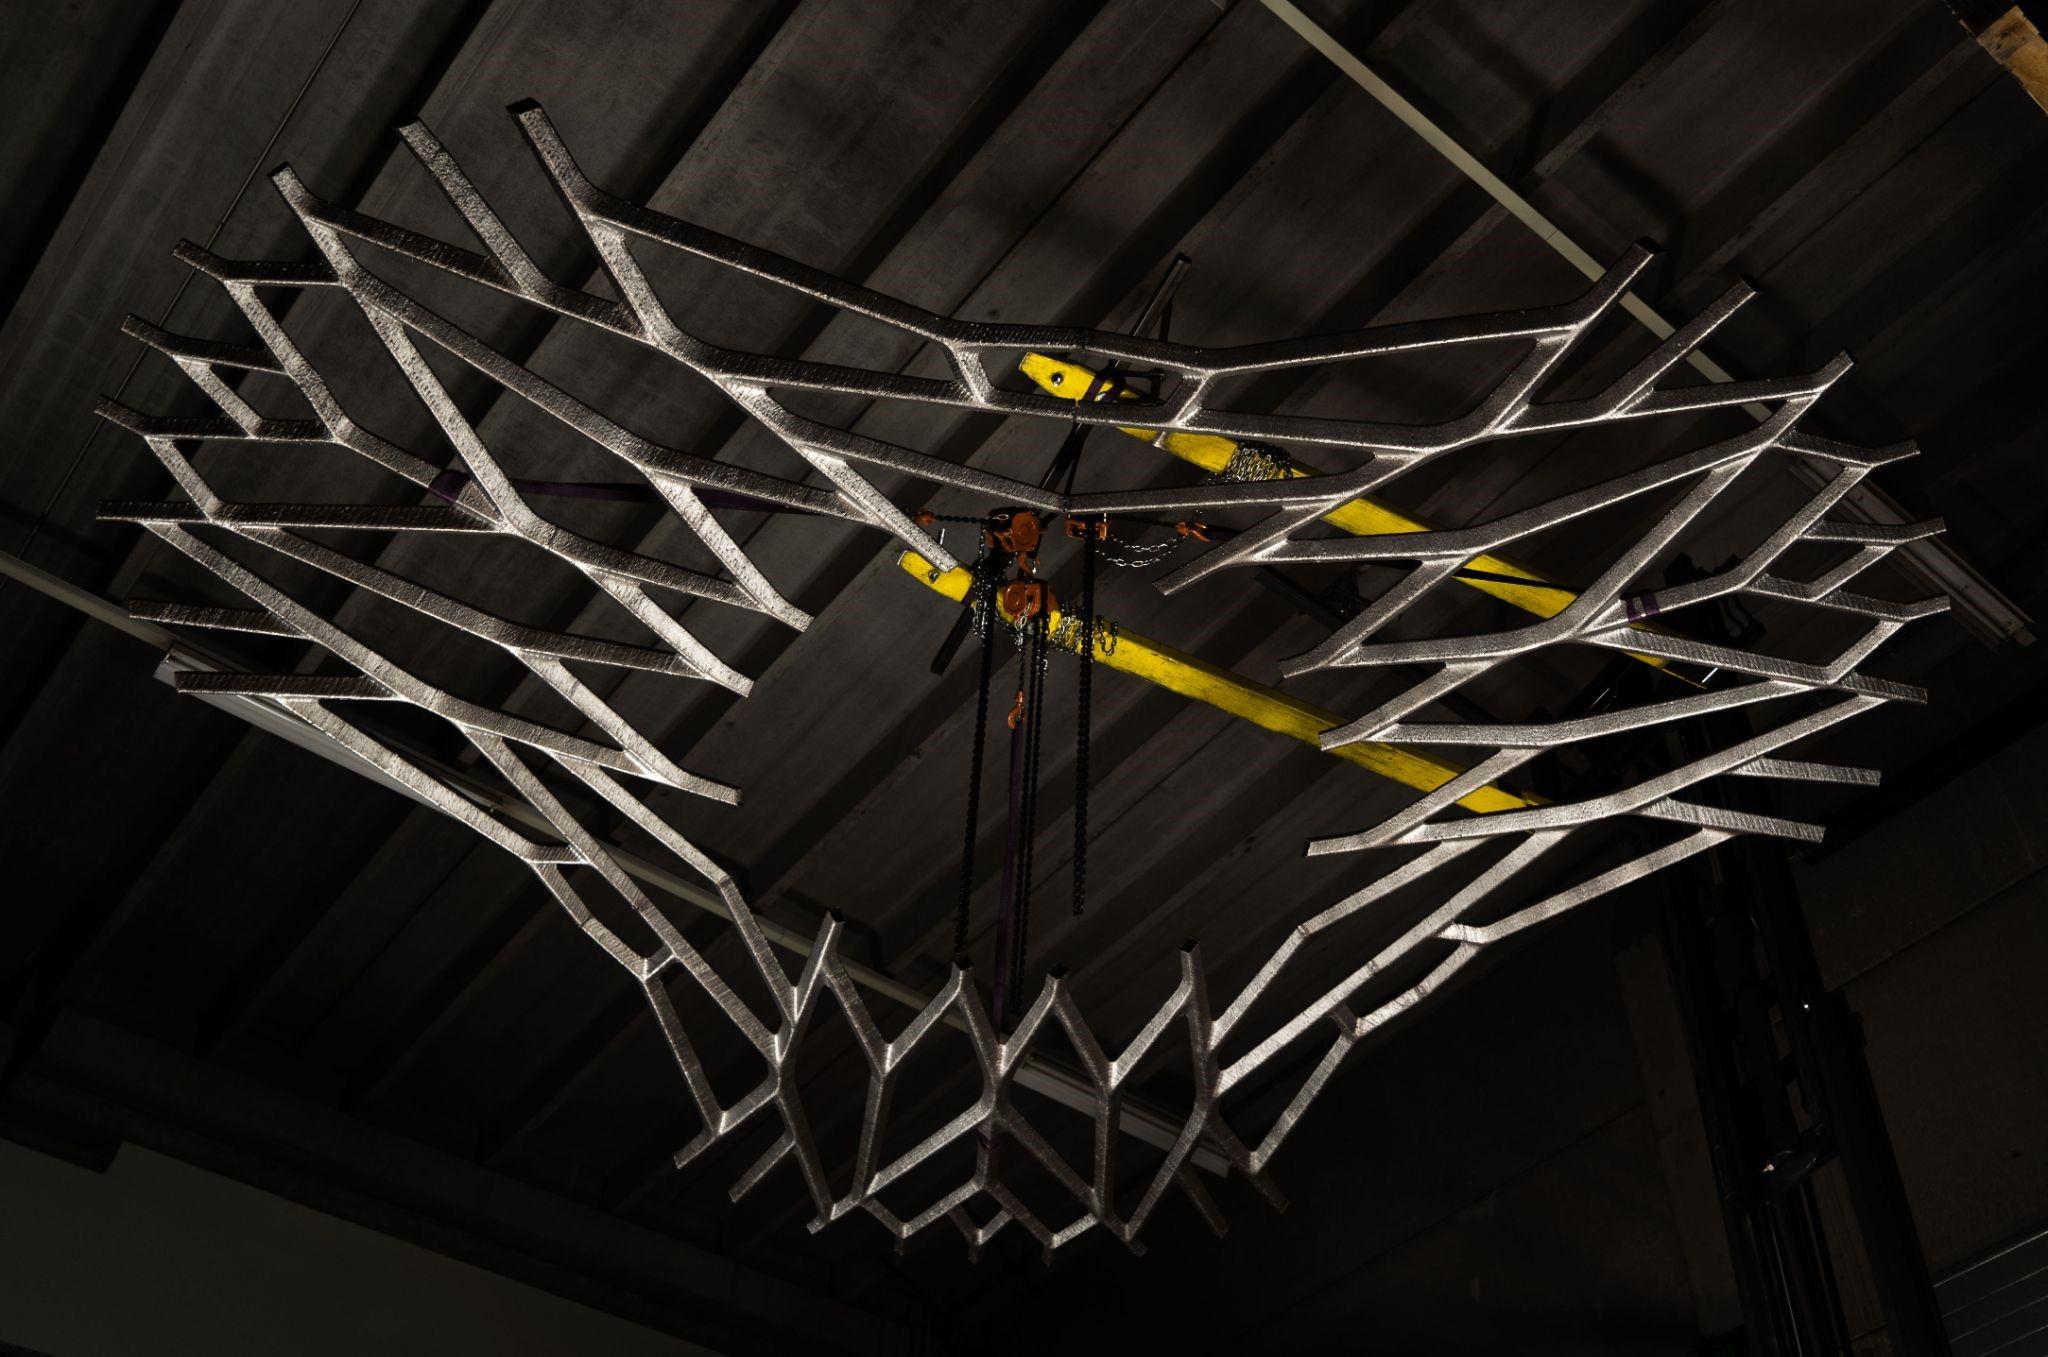 Un modello 3D che mostra il design simile al web del pavimento lunare stampato in 3D di MX3D.